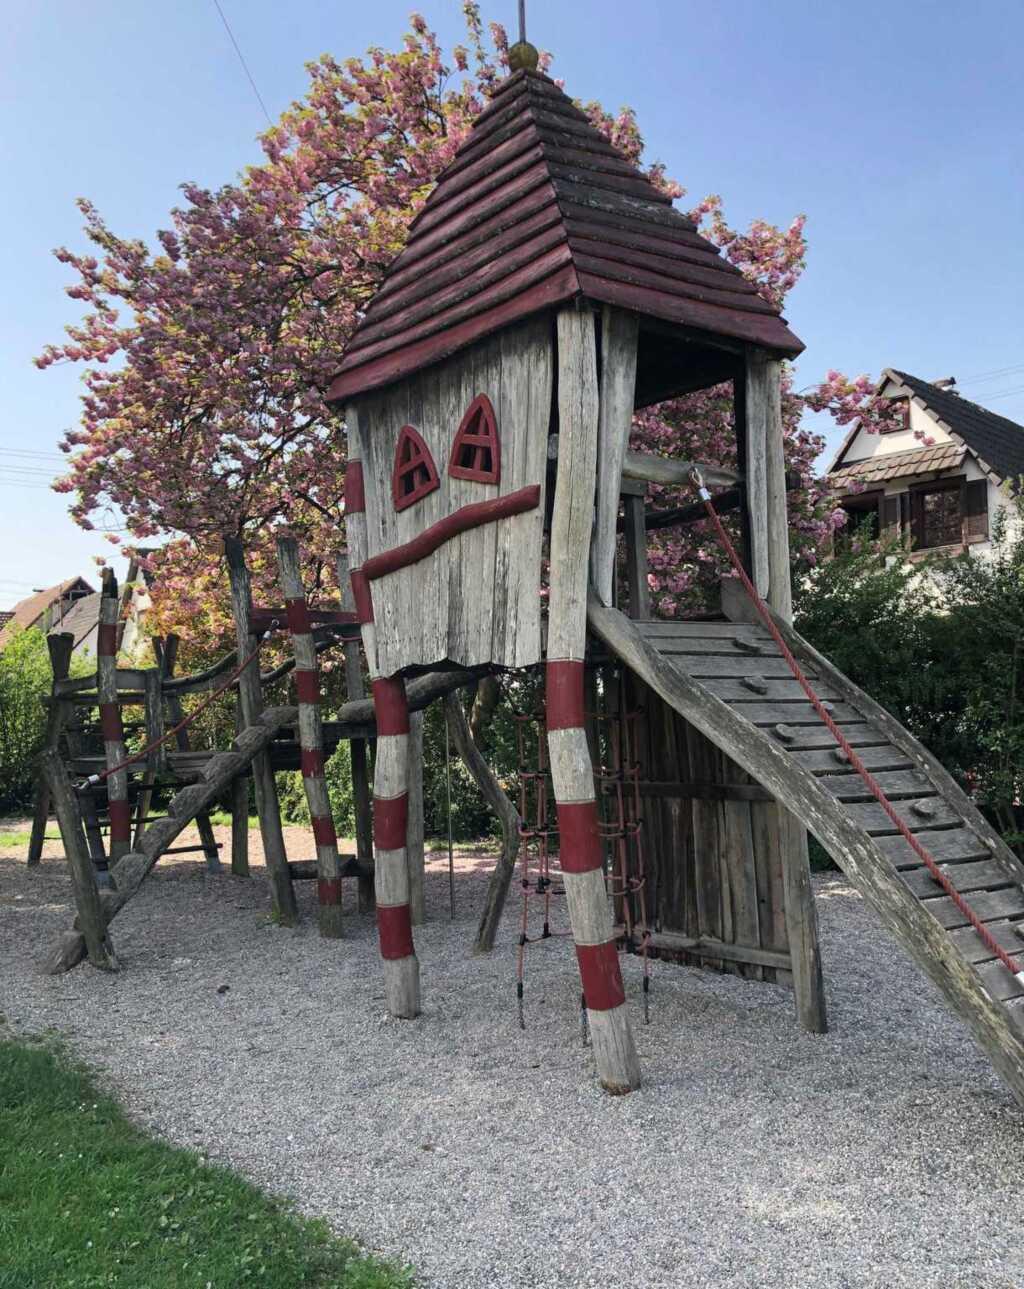 Ferienwohnung Burg | Haus No. 19, Ferienwohnung 3